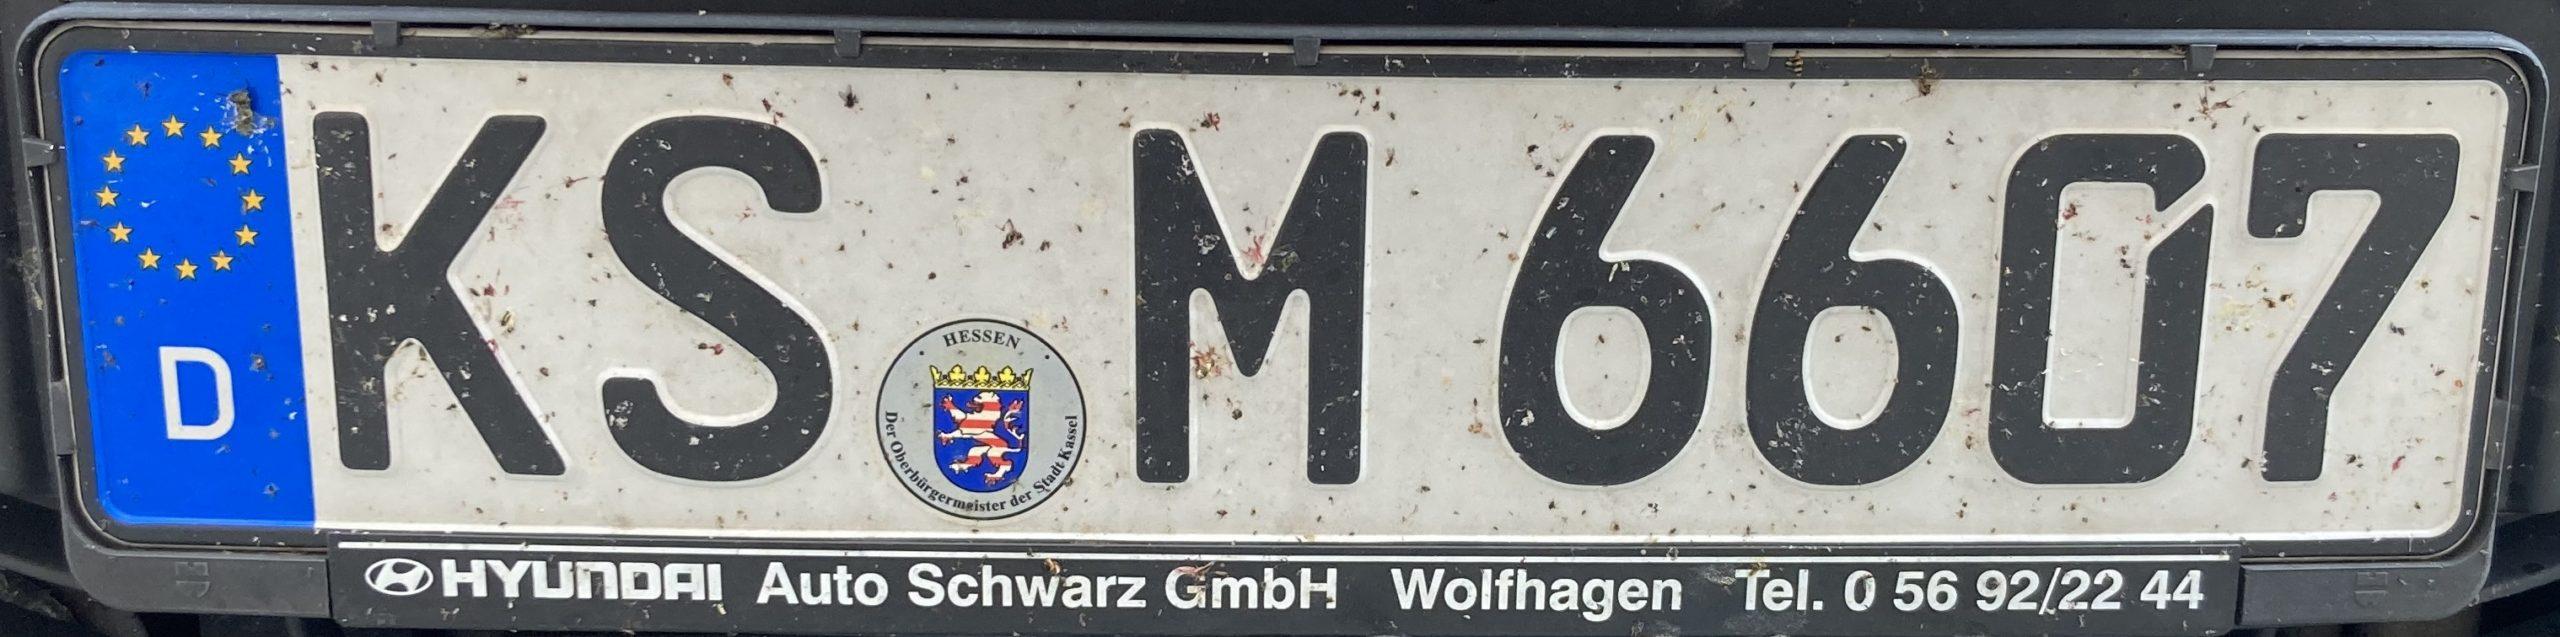 Registrační značky Německo - KS - Kassel, foto: www.podalnici.cz